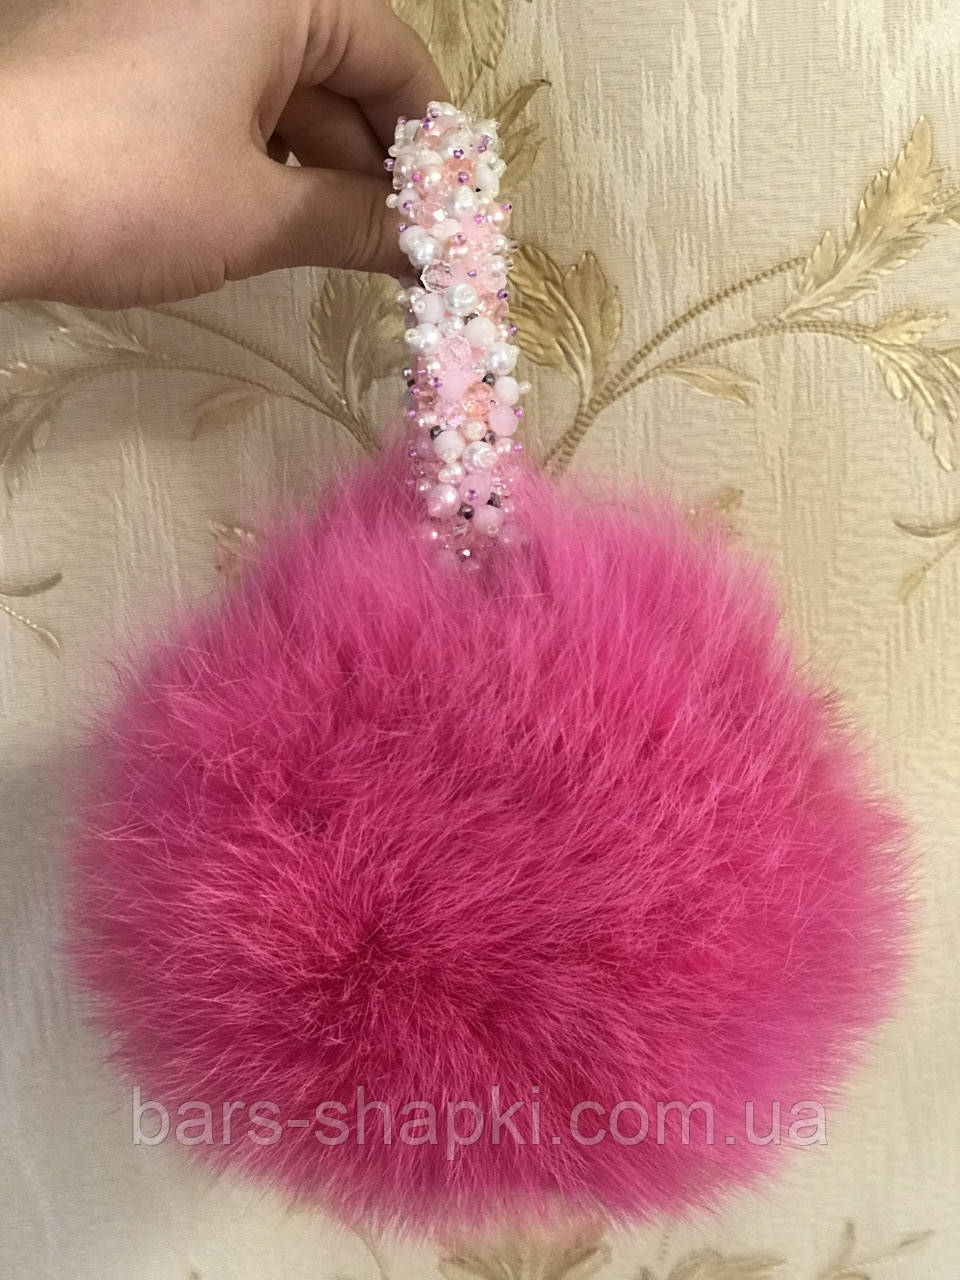 Меховые наушники с камнями из хрусталя. Цвет ярко розовый